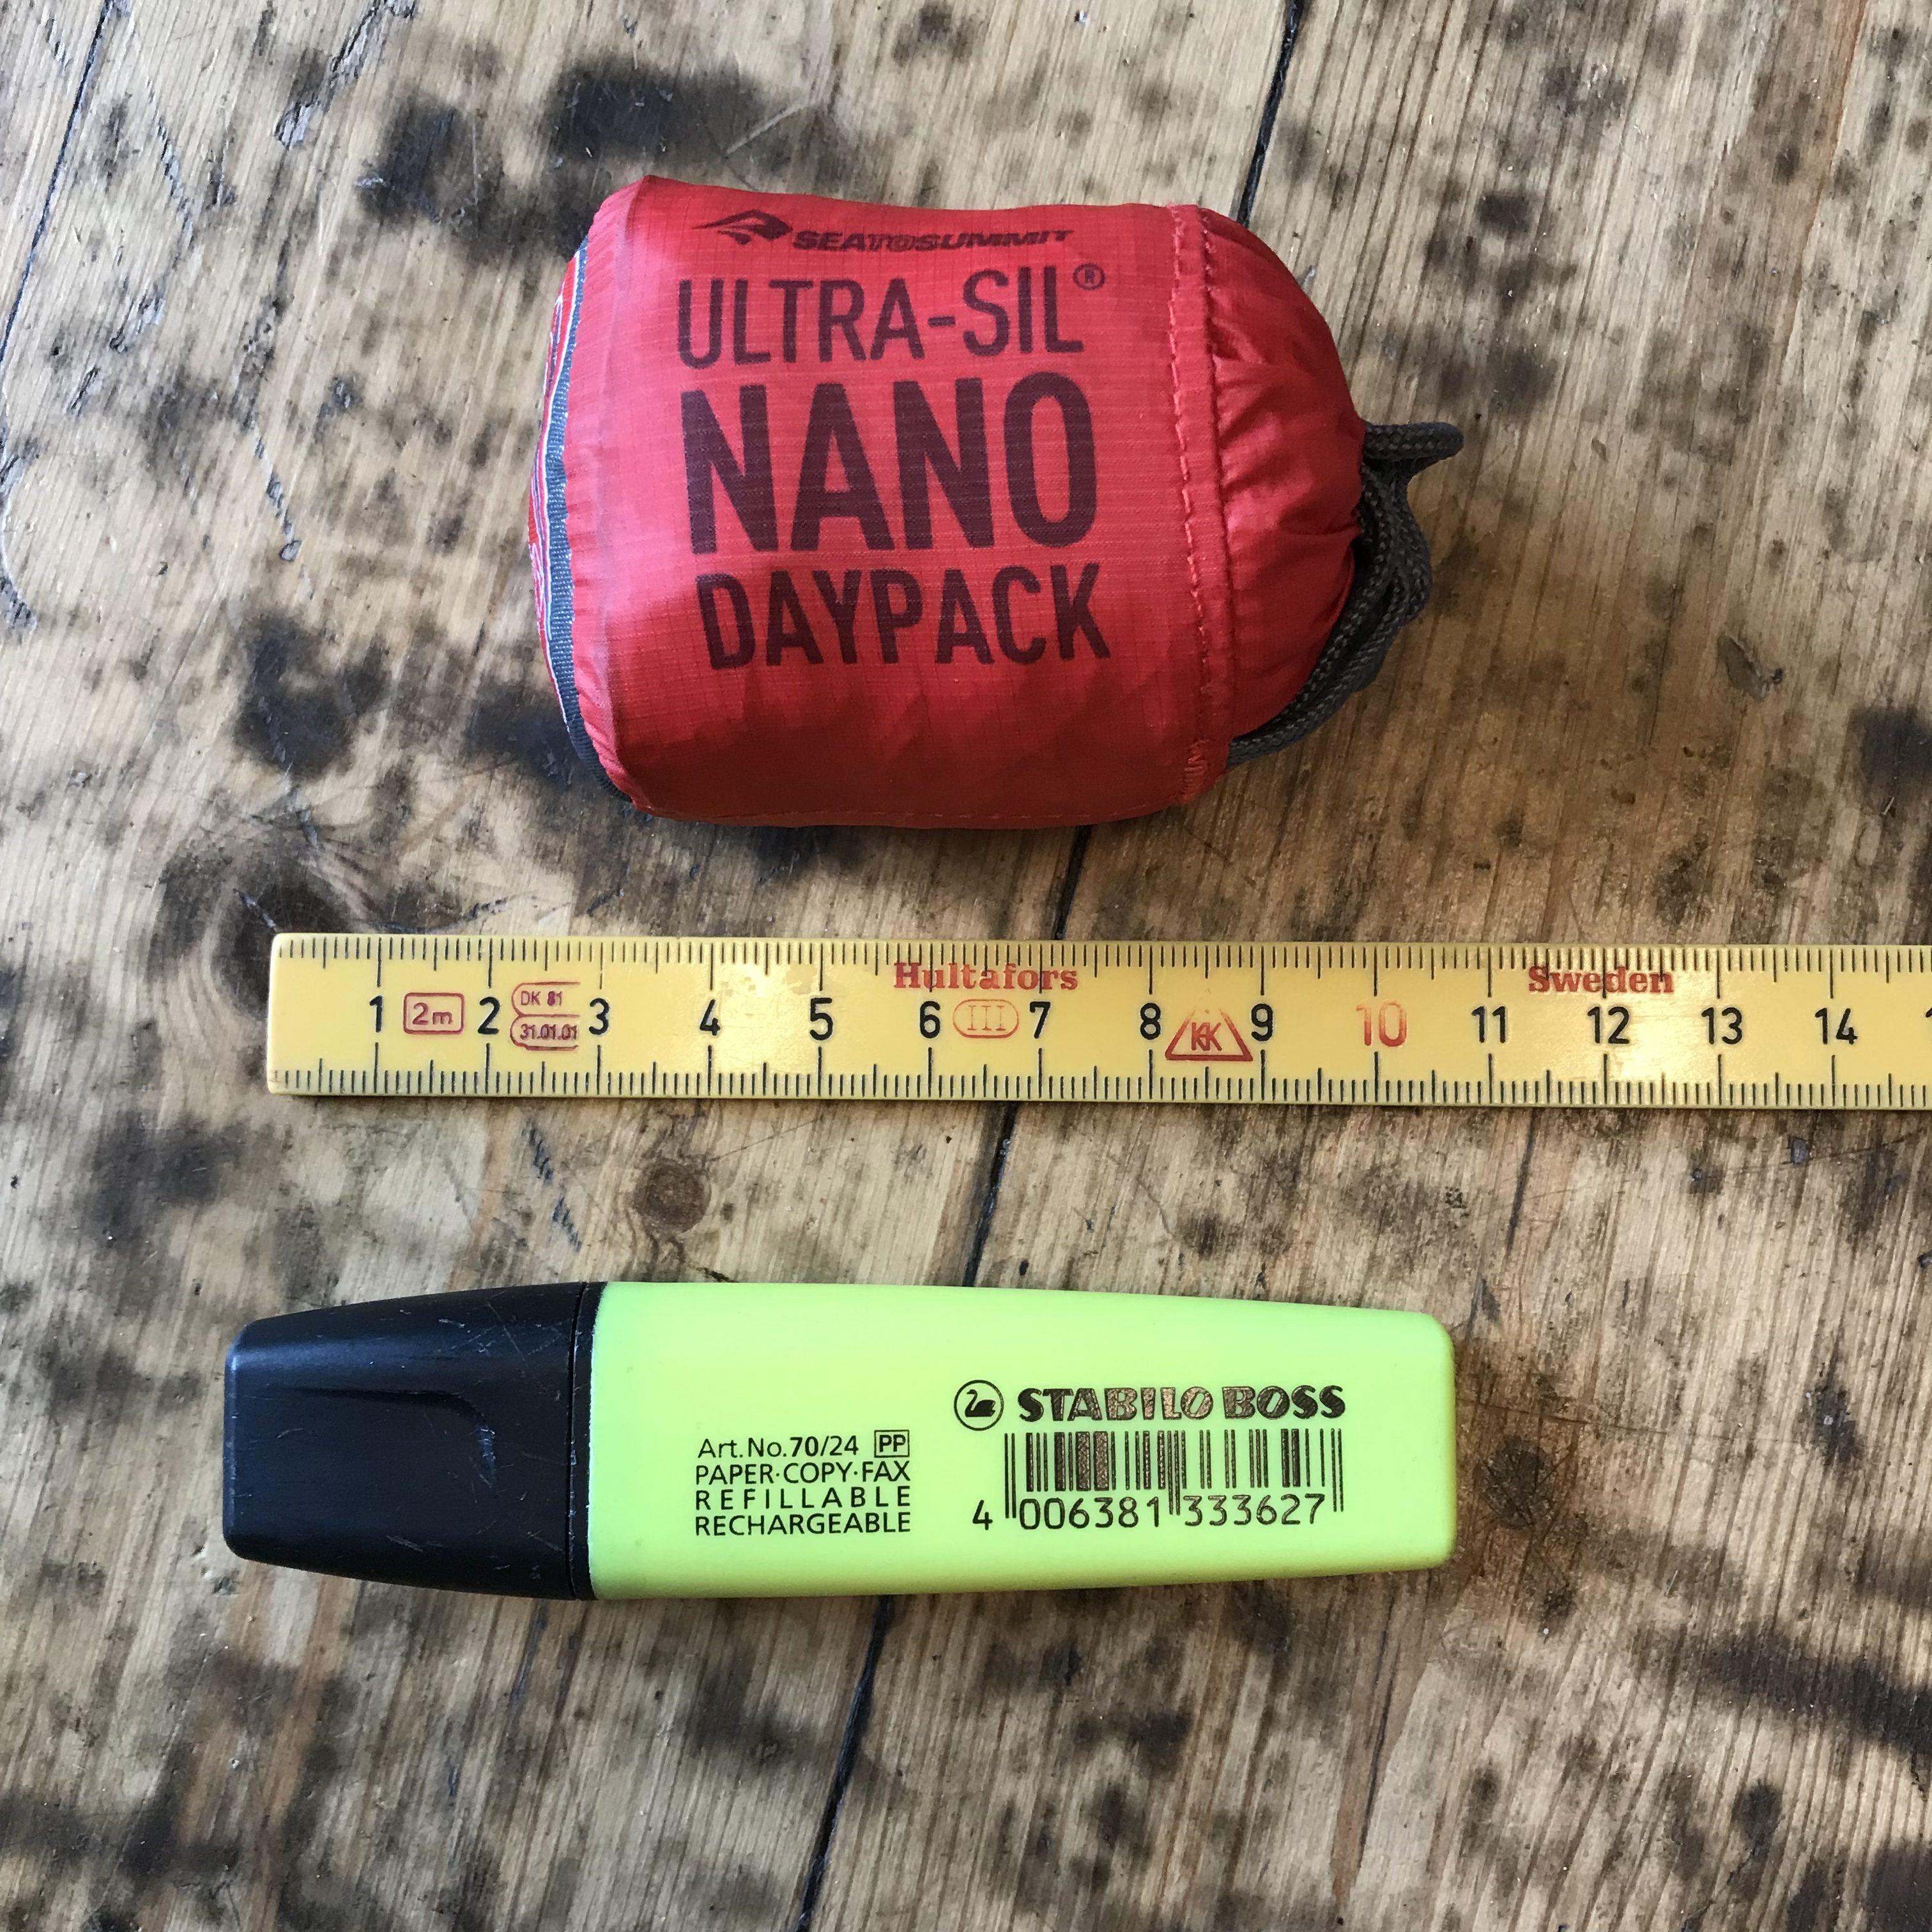 Sea To Summit Ultra-Sil Nano Daypack er den rygsæk jeg kender til med mindst pakvolumen.